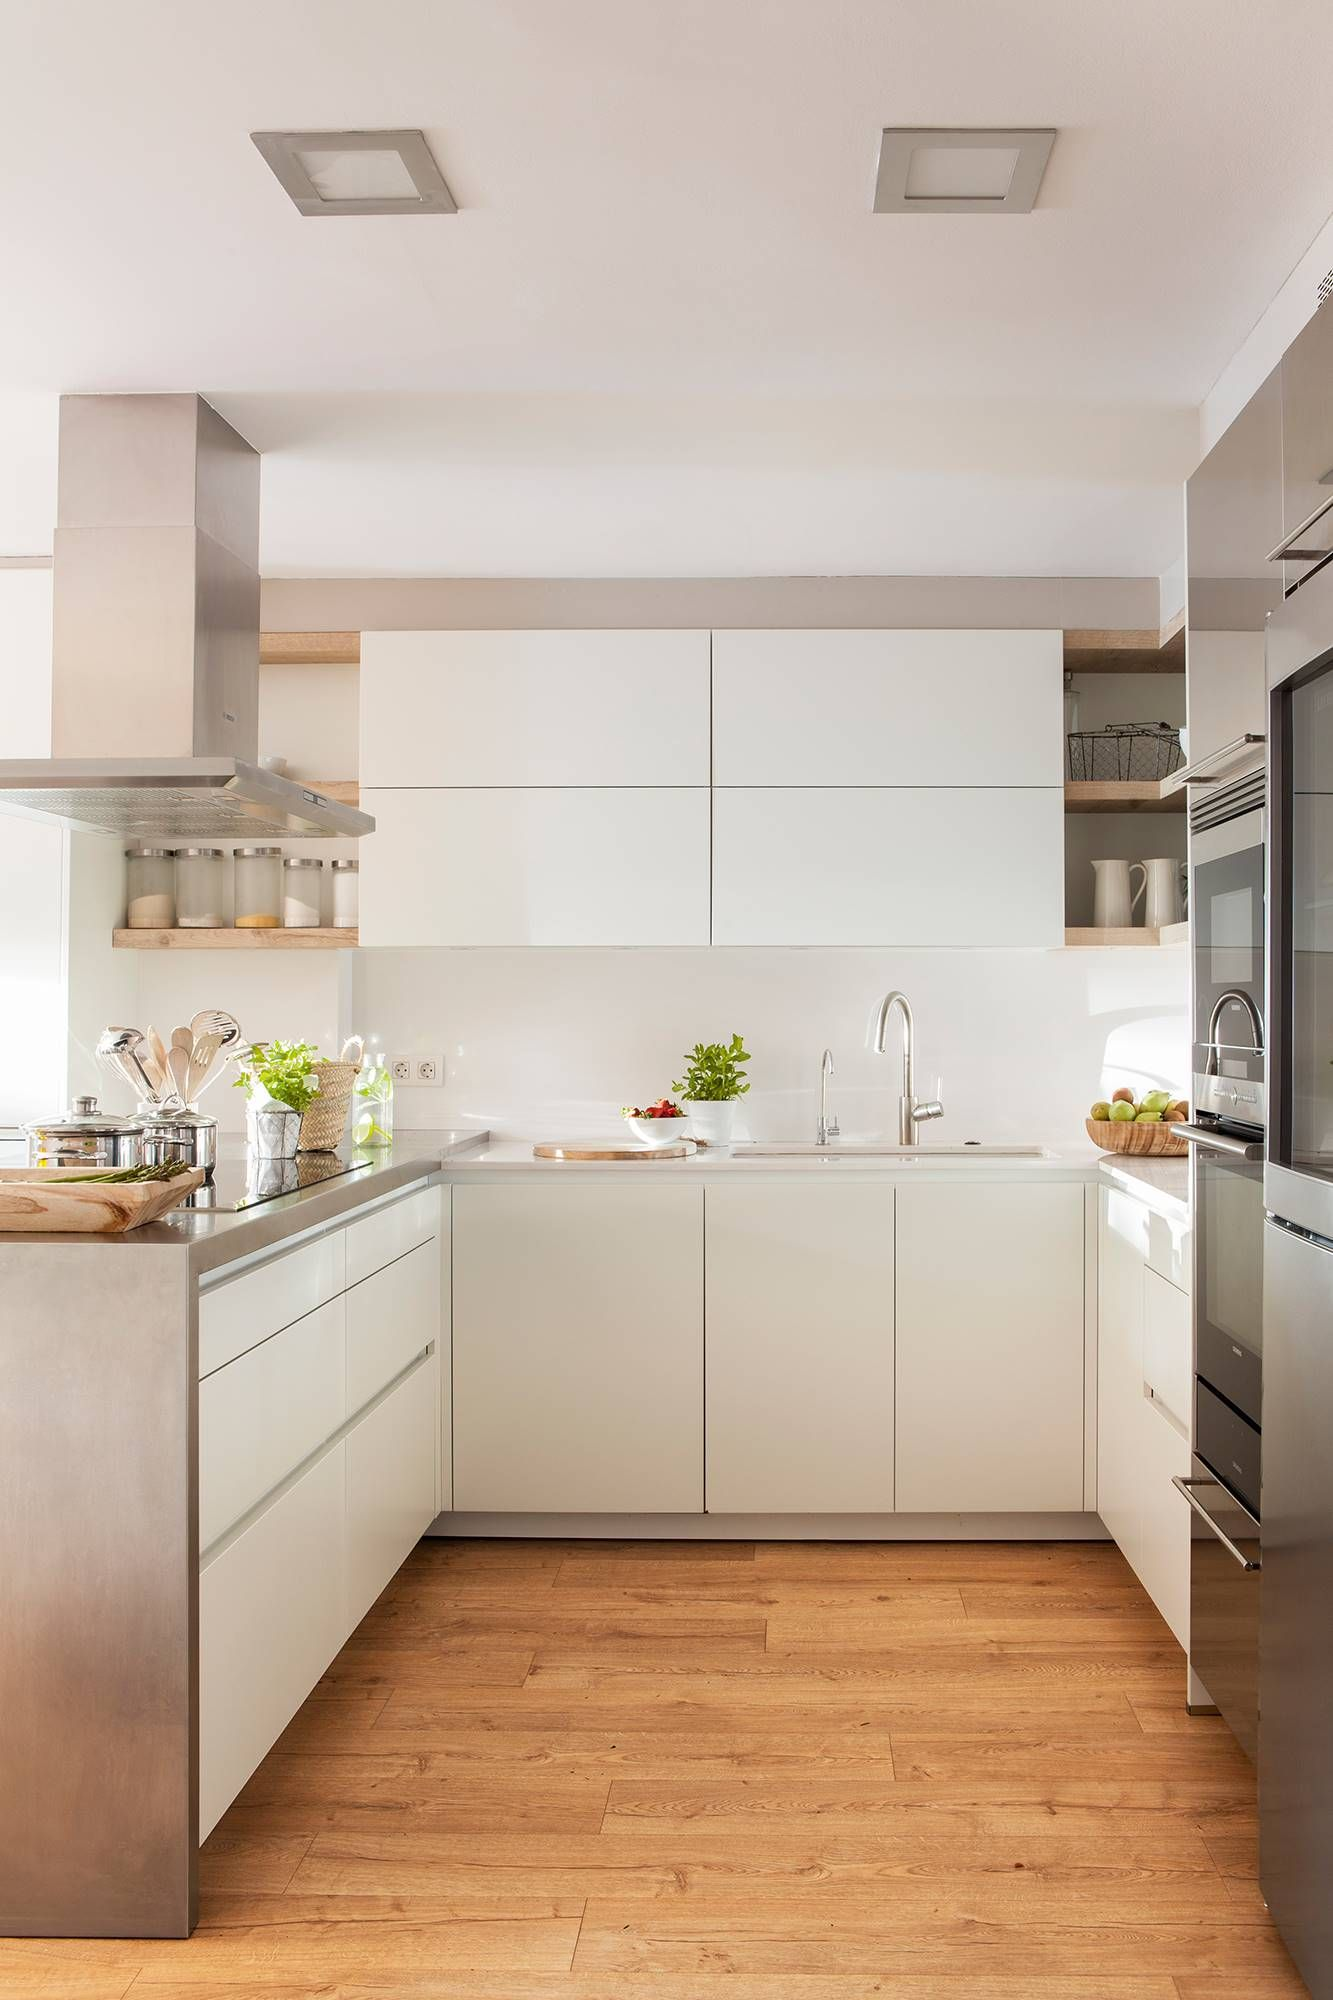 Blanco Acero Con Imagenes Decoracion De Cocina Decoracion